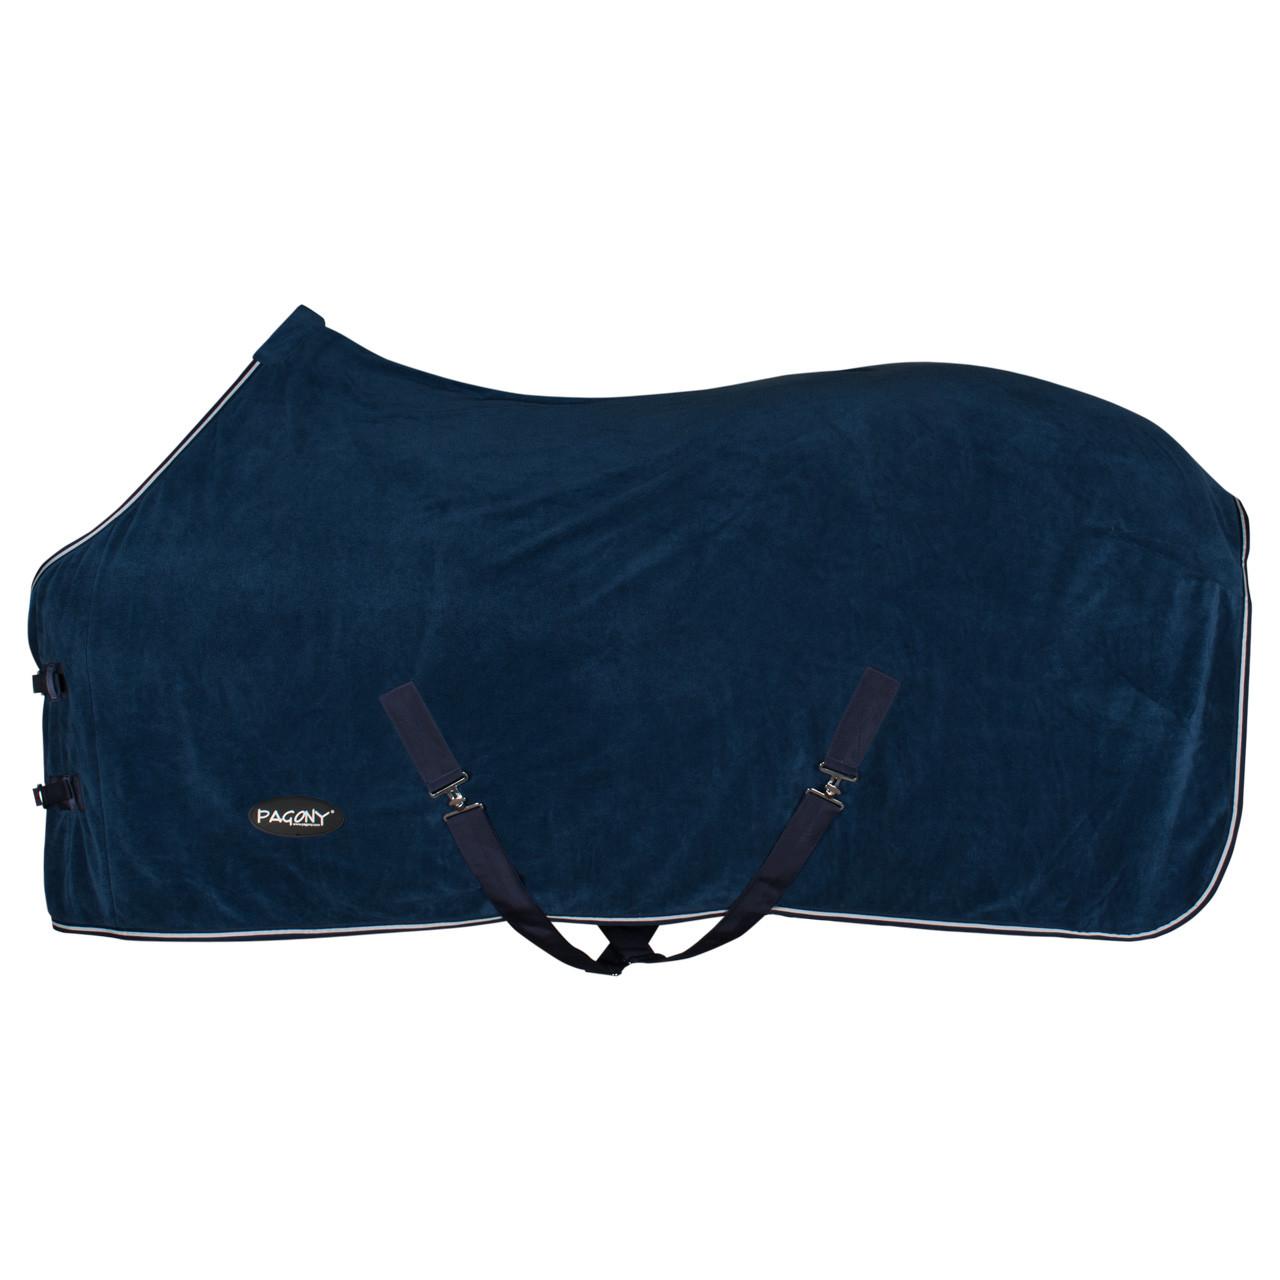 Pagony Quick Dry zweetdeken donkerblauw maat:205